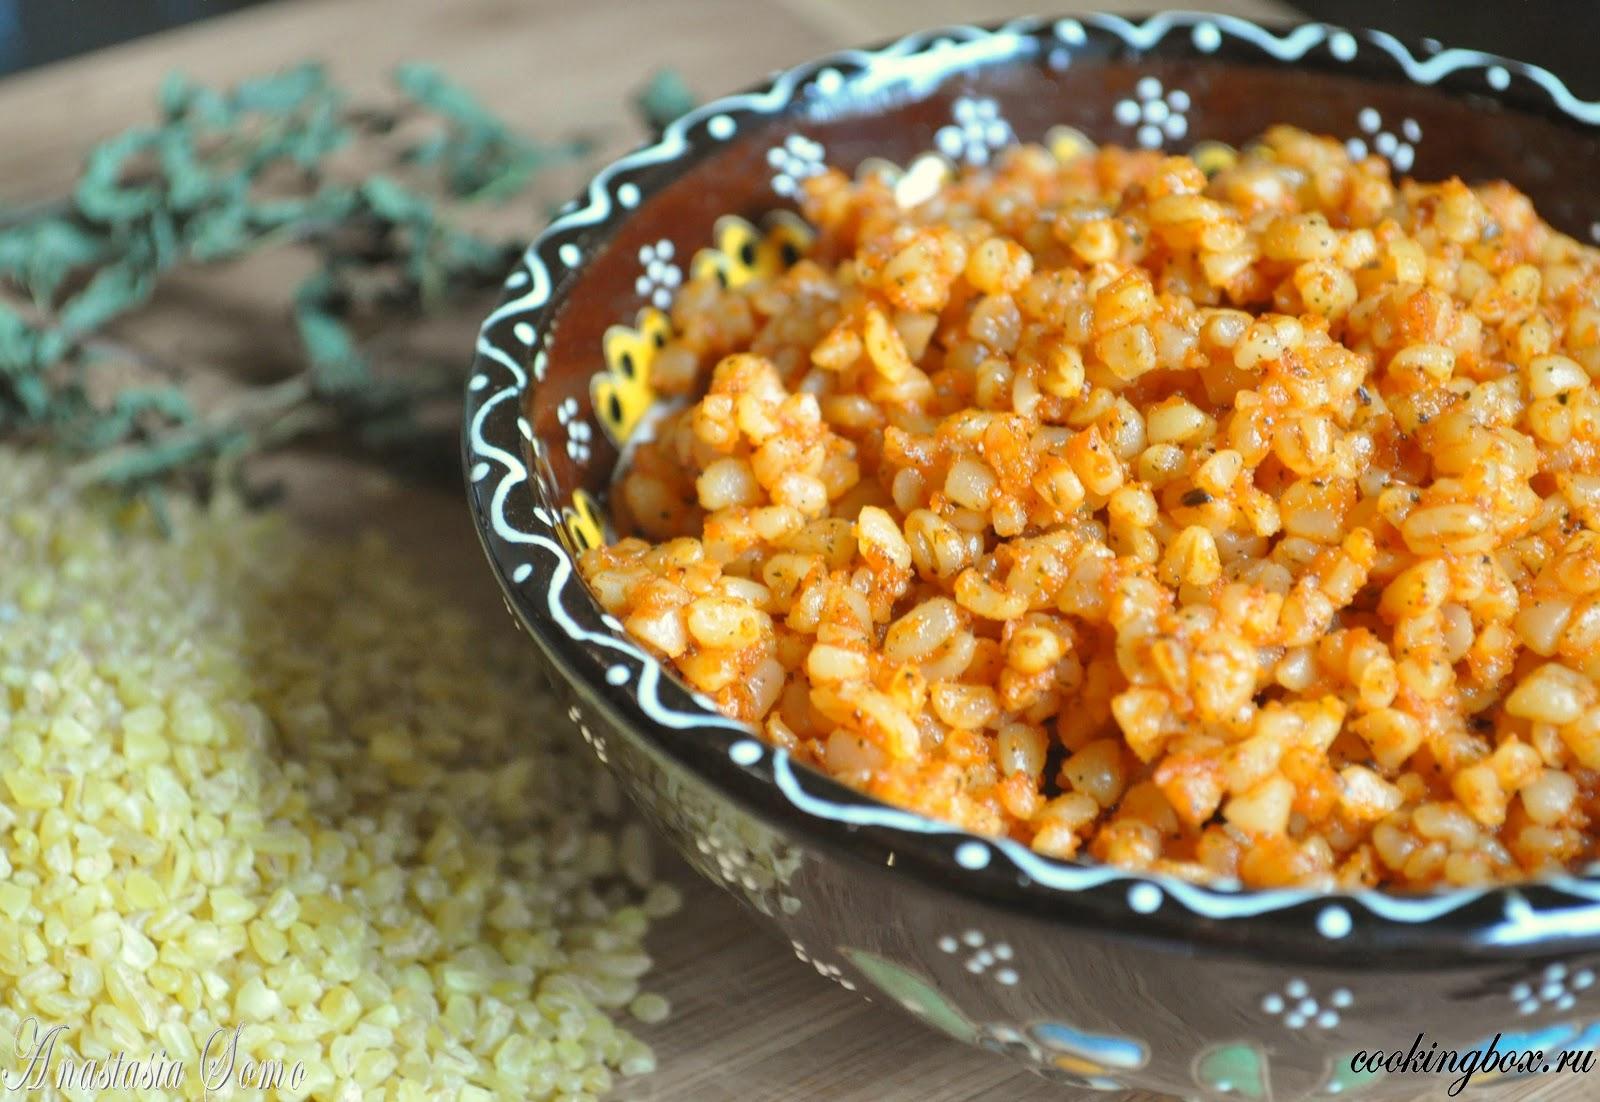 Пшеничная крупа булгур рецепты